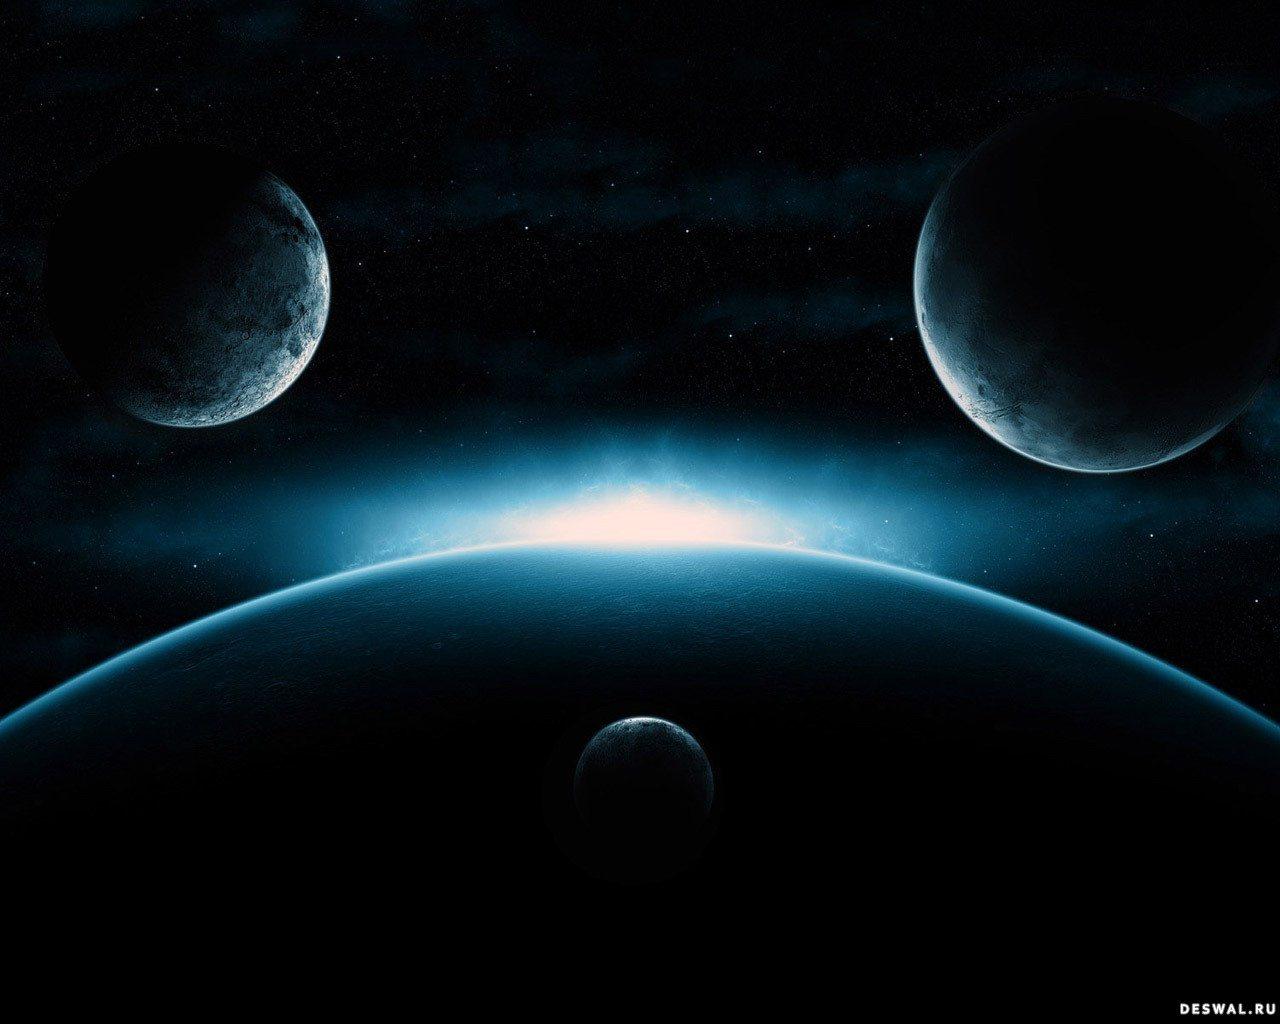 Фото 10.. Нажмите на картинку с обоями космоса, чтобы просмотреть ее в реальном размере